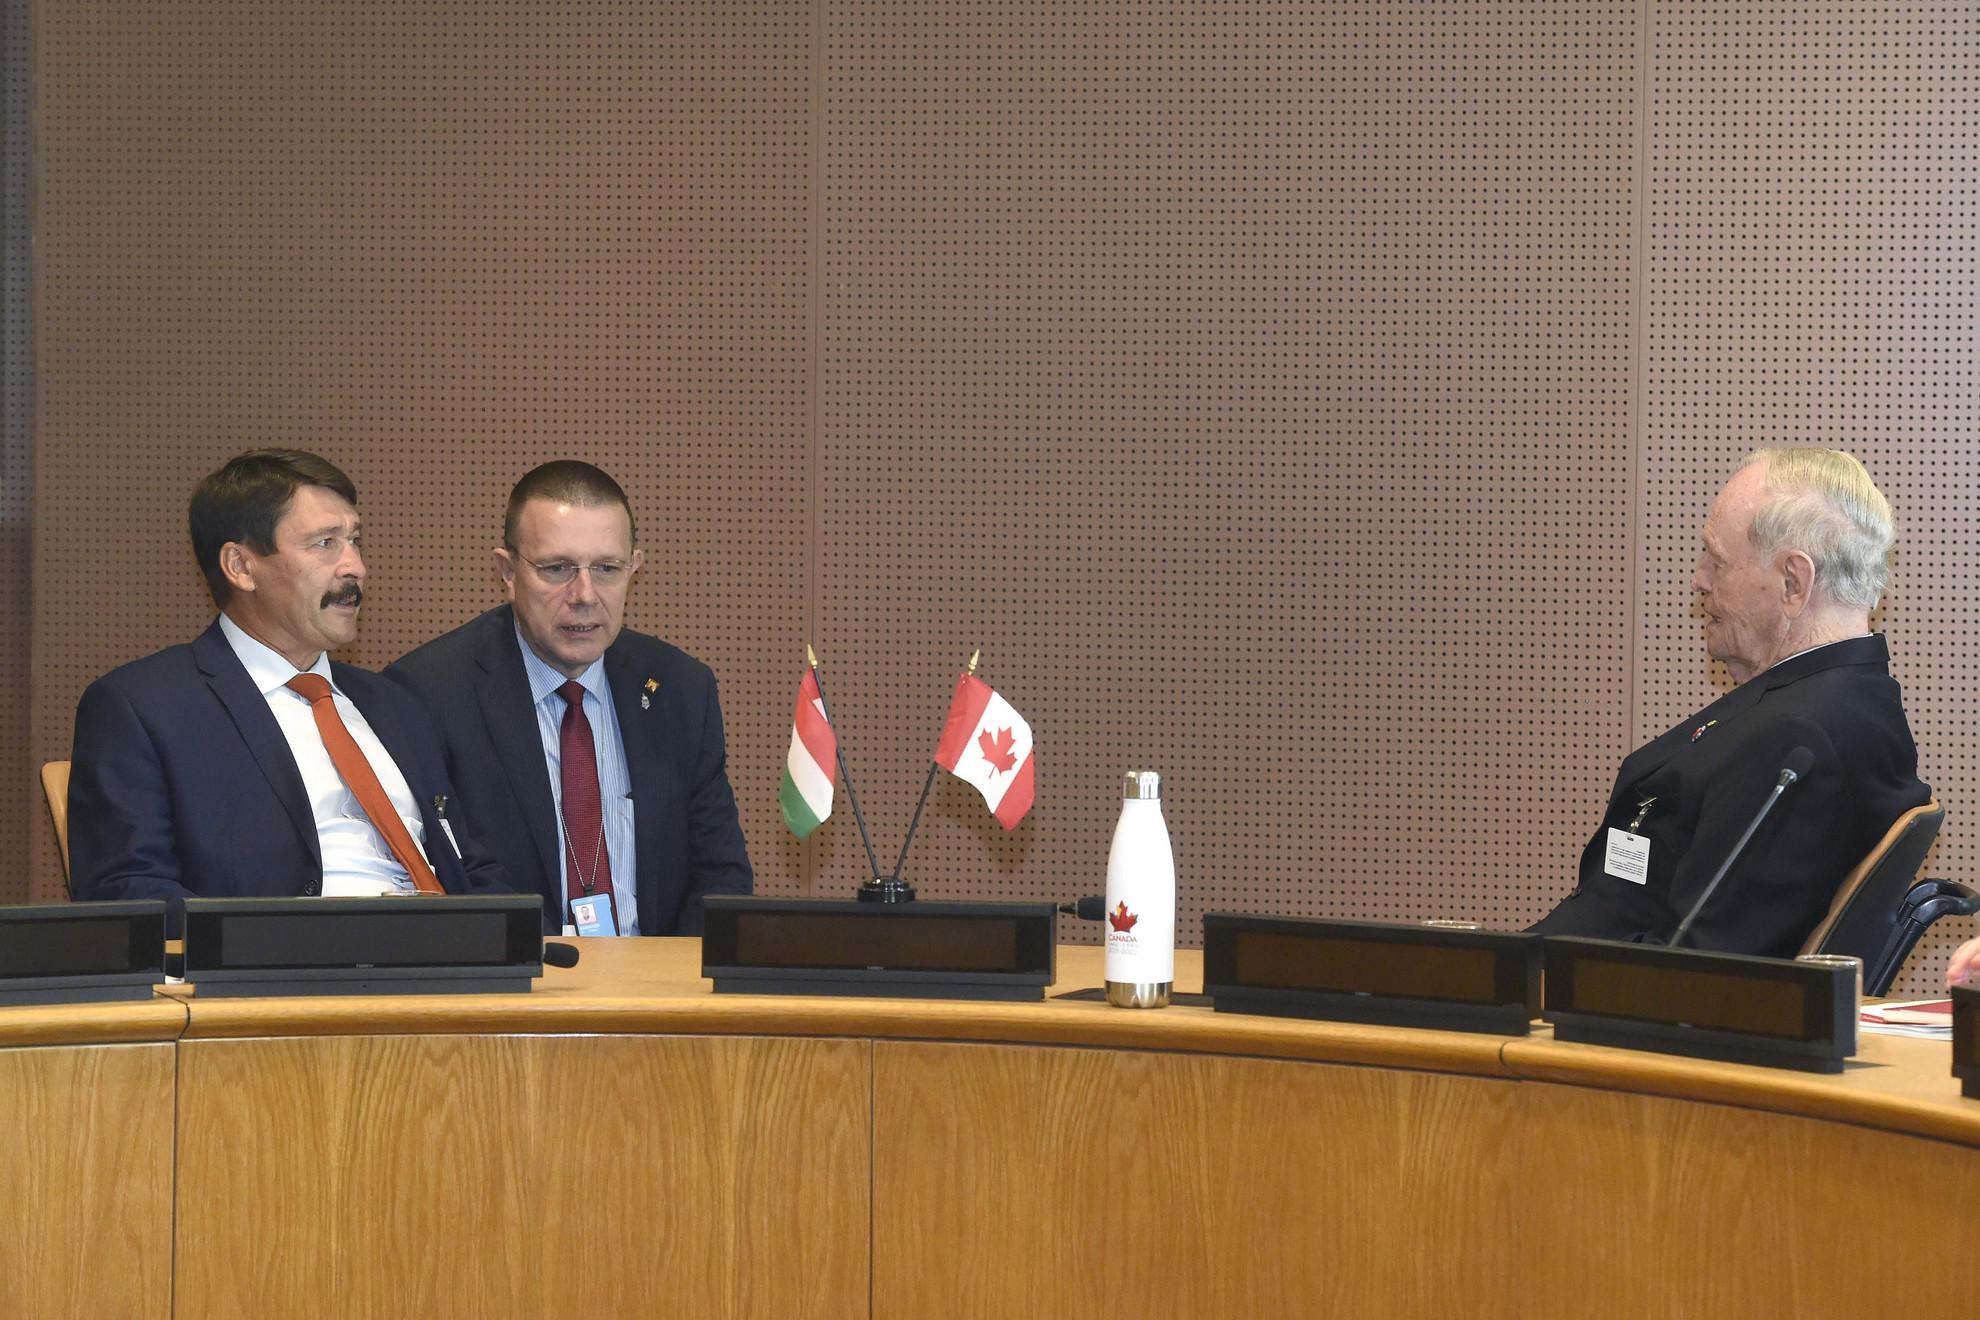 Áder János köztársasági elnök (b) megbeszélést folytat Jean Crétien volt kanadai miniszterelnökkel (j) az ENSZ New York-i székházában 2019. szeptember 23-án